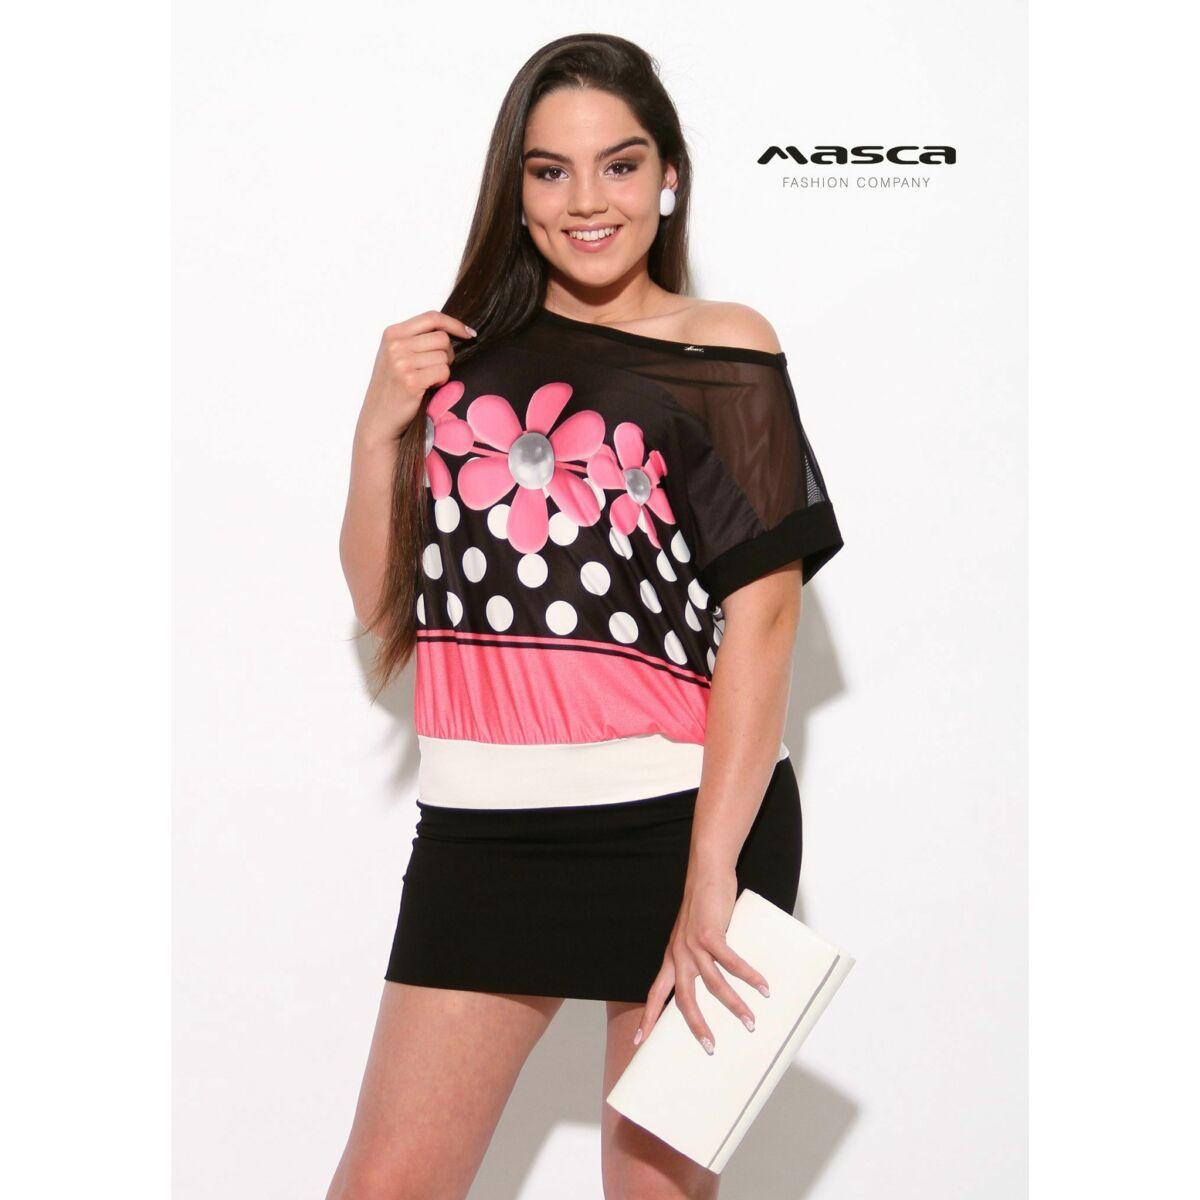 13dbcc86e7 Masca Fashion muszlin betétes rövid ujjú pink virágos, pöttyös fekete  lezser miniruha